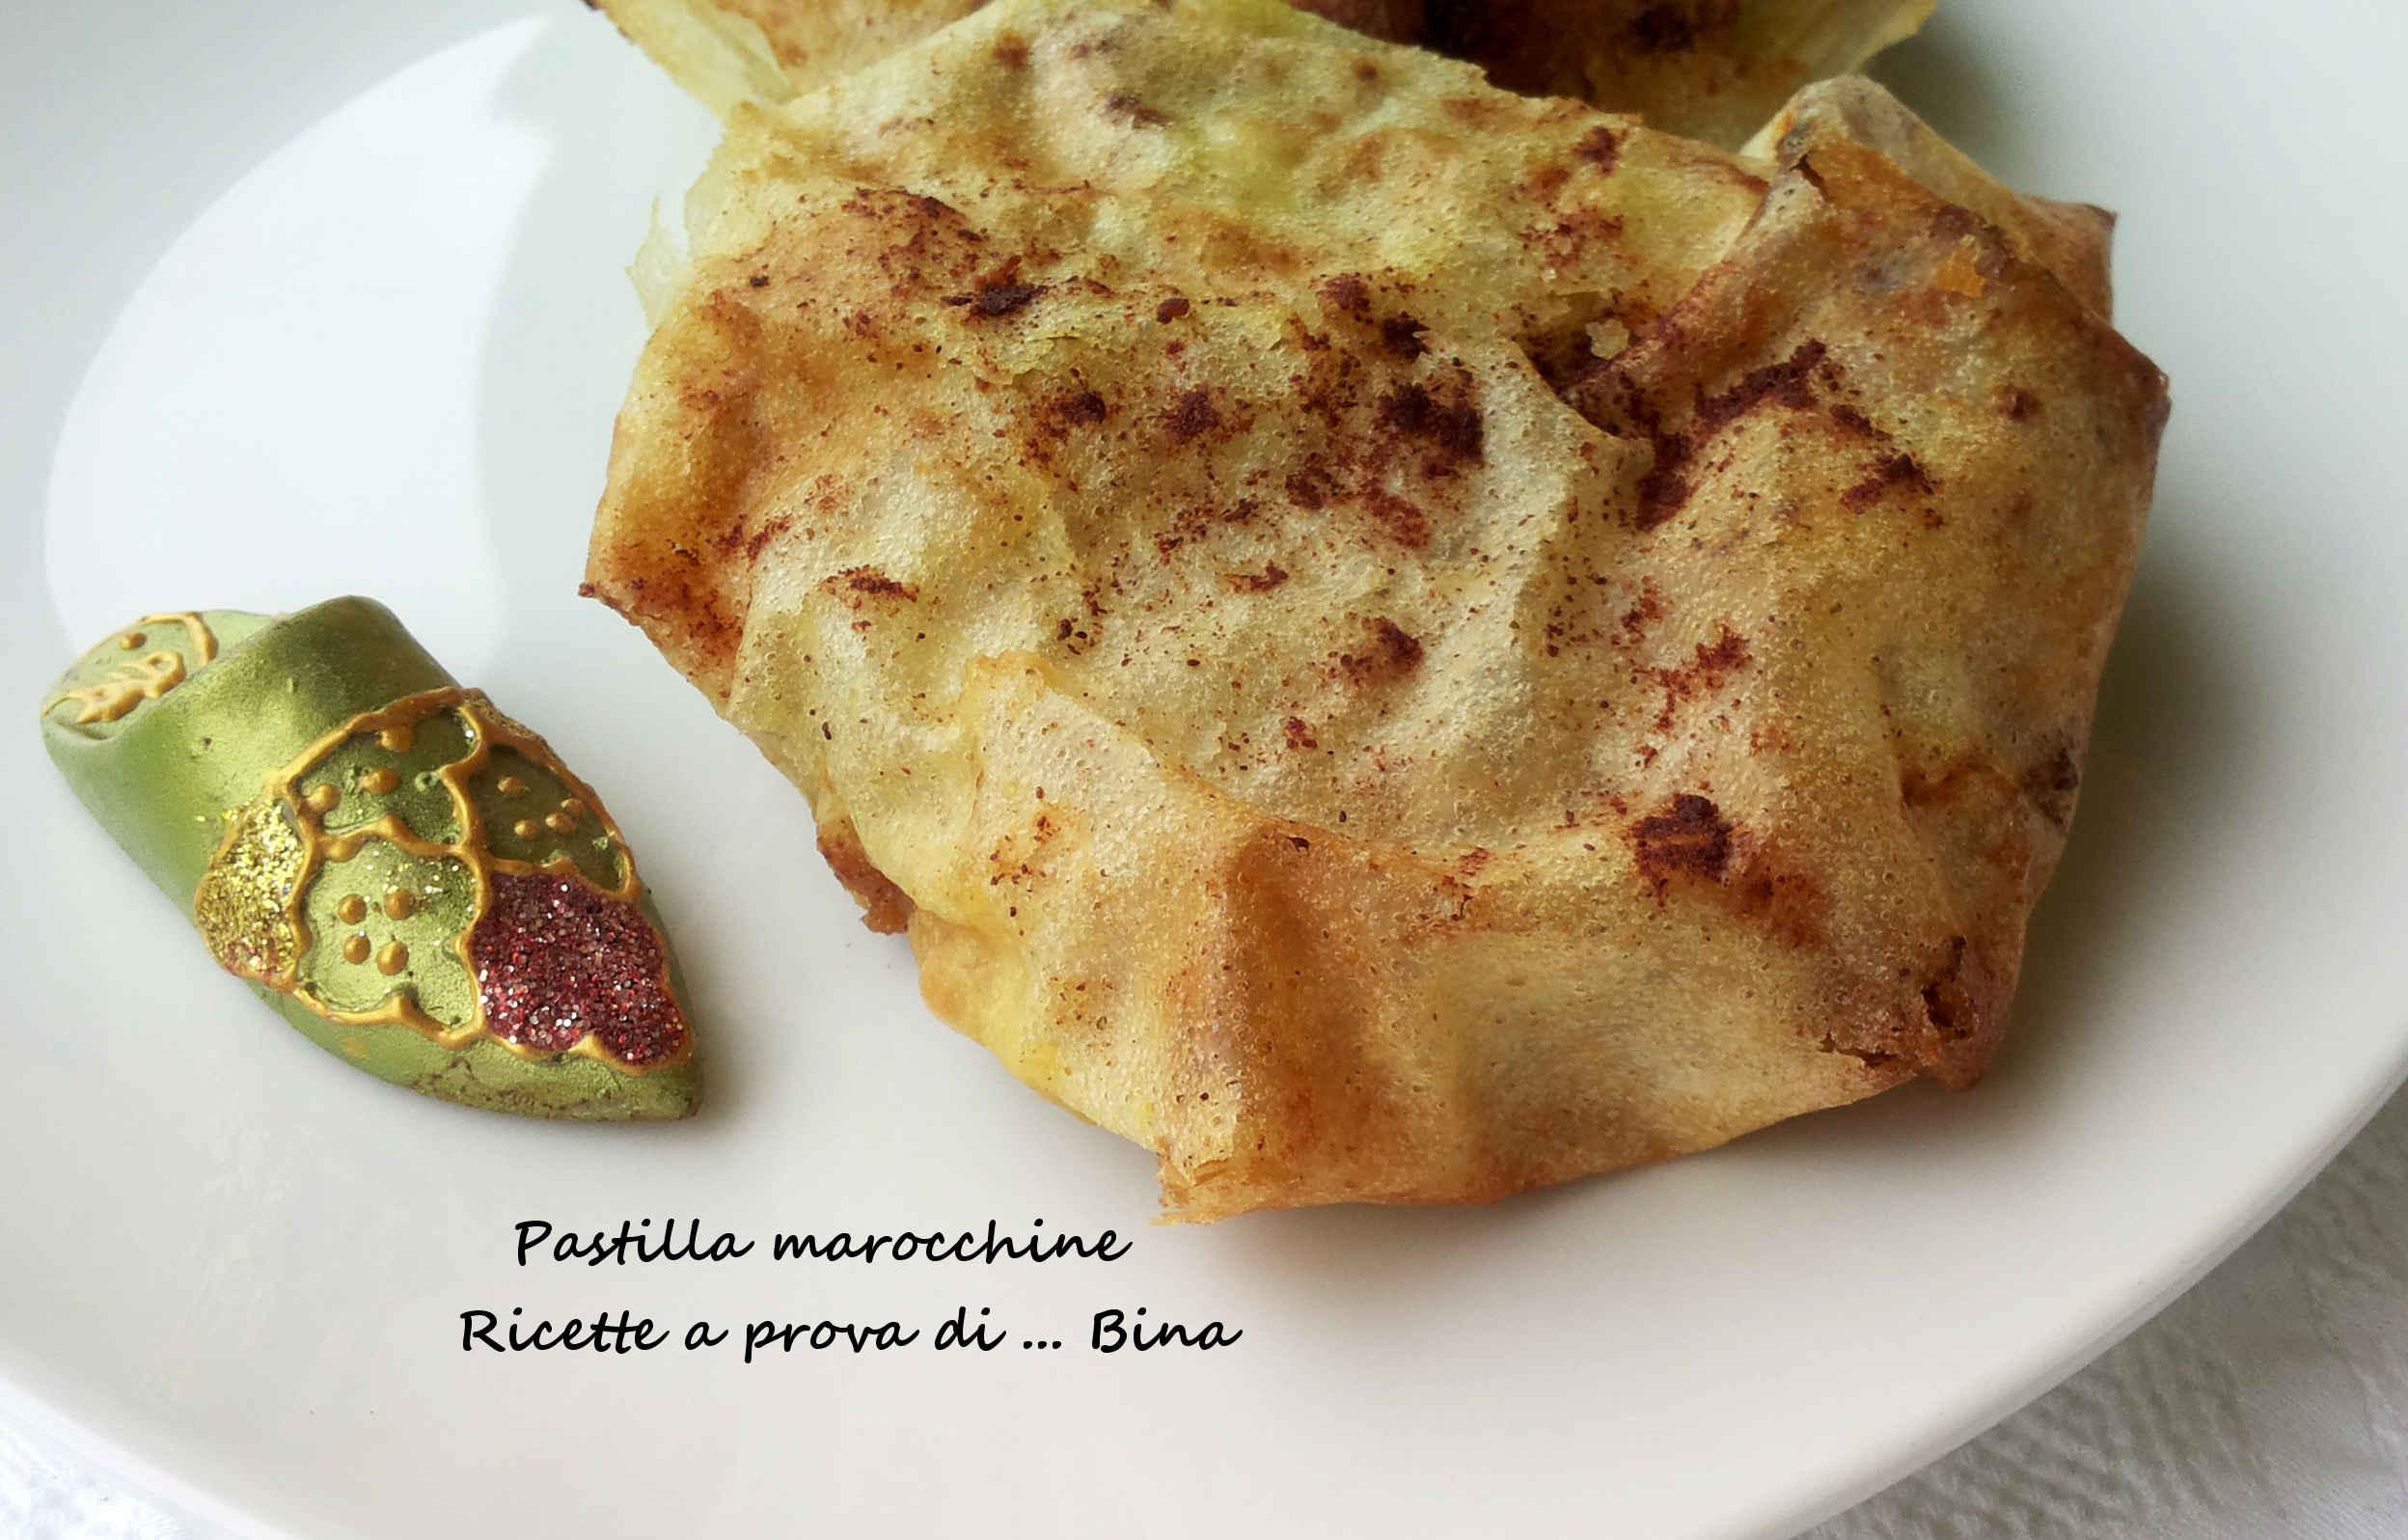 Ricerca Ricette con Pastilla marocchina - GialloZafferano.it